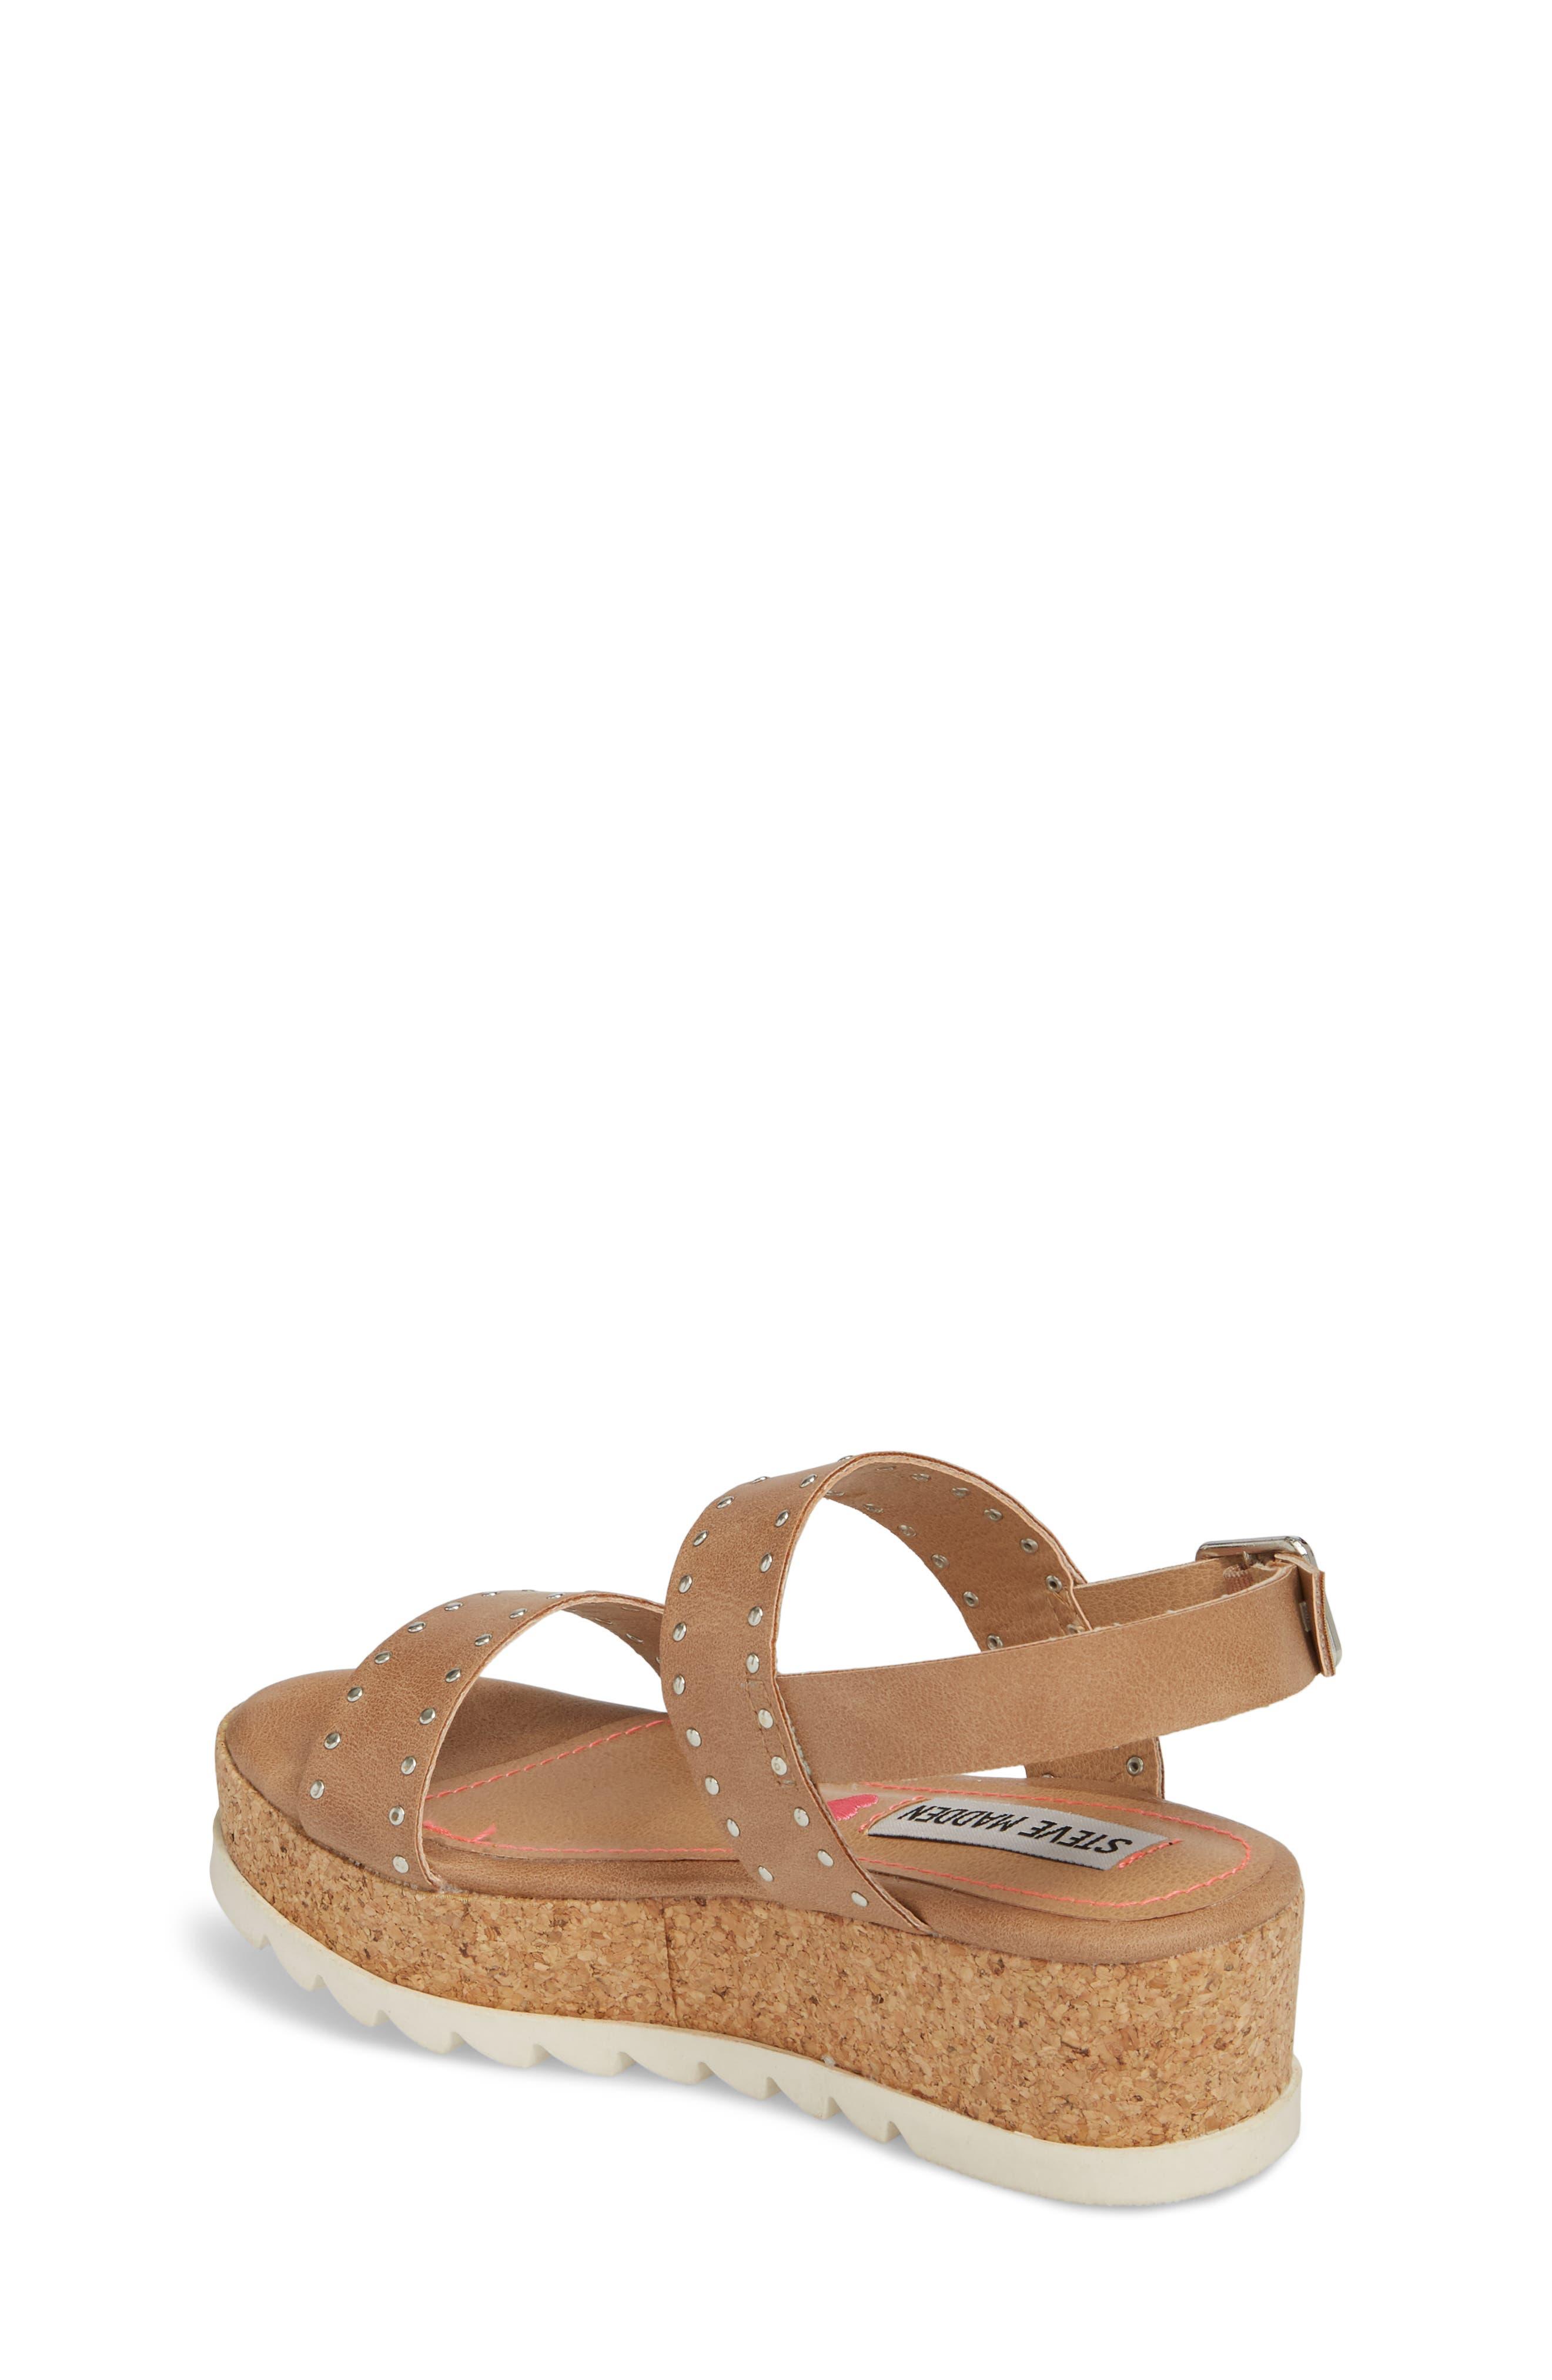 STEVE MADDEN,                             JKRISTIE Platform Sandal,                             Alternate thumbnail 2, color,                             200